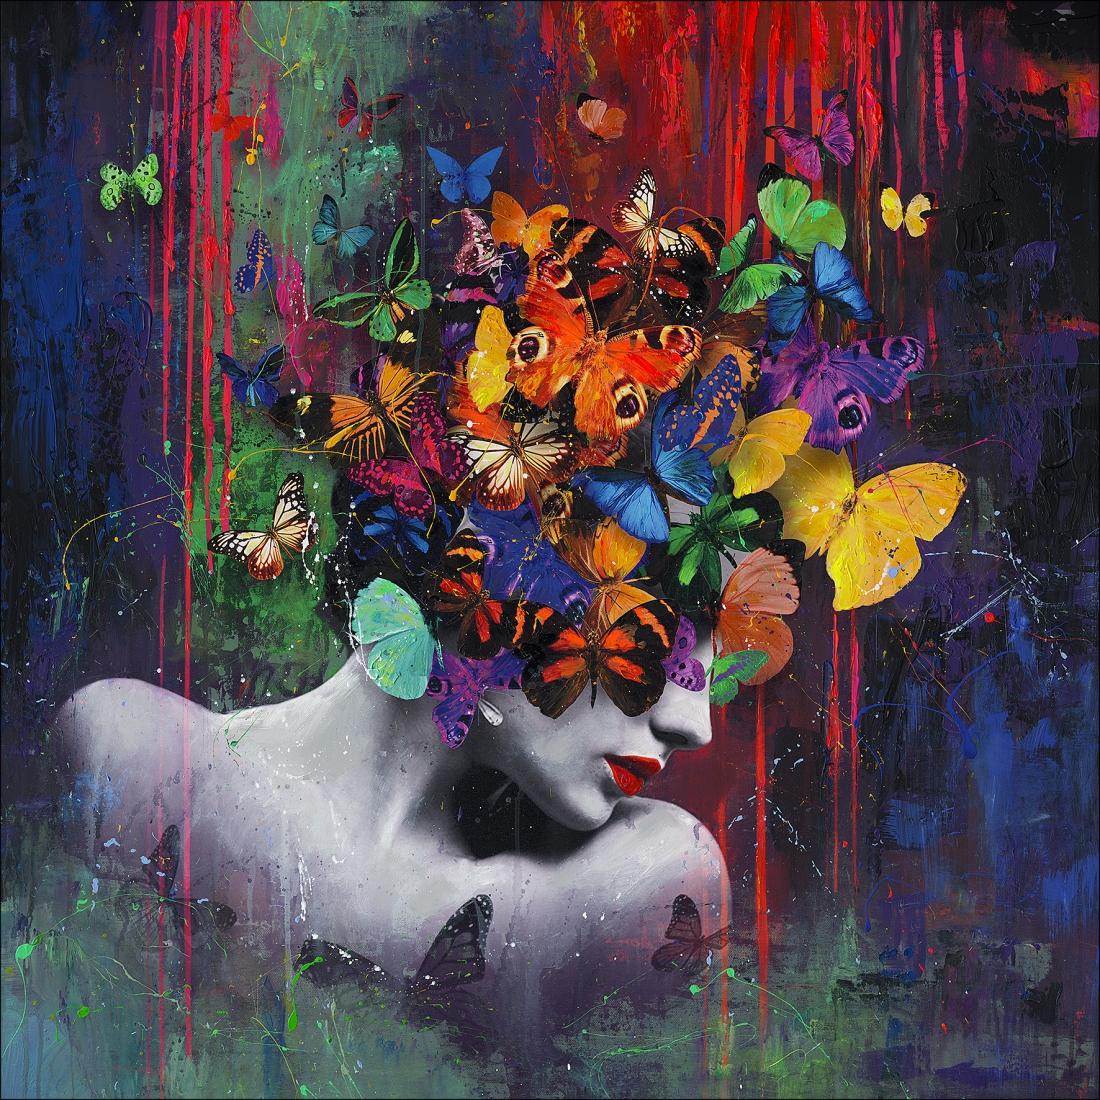 Schilderij vrouw met vlinders 100x100